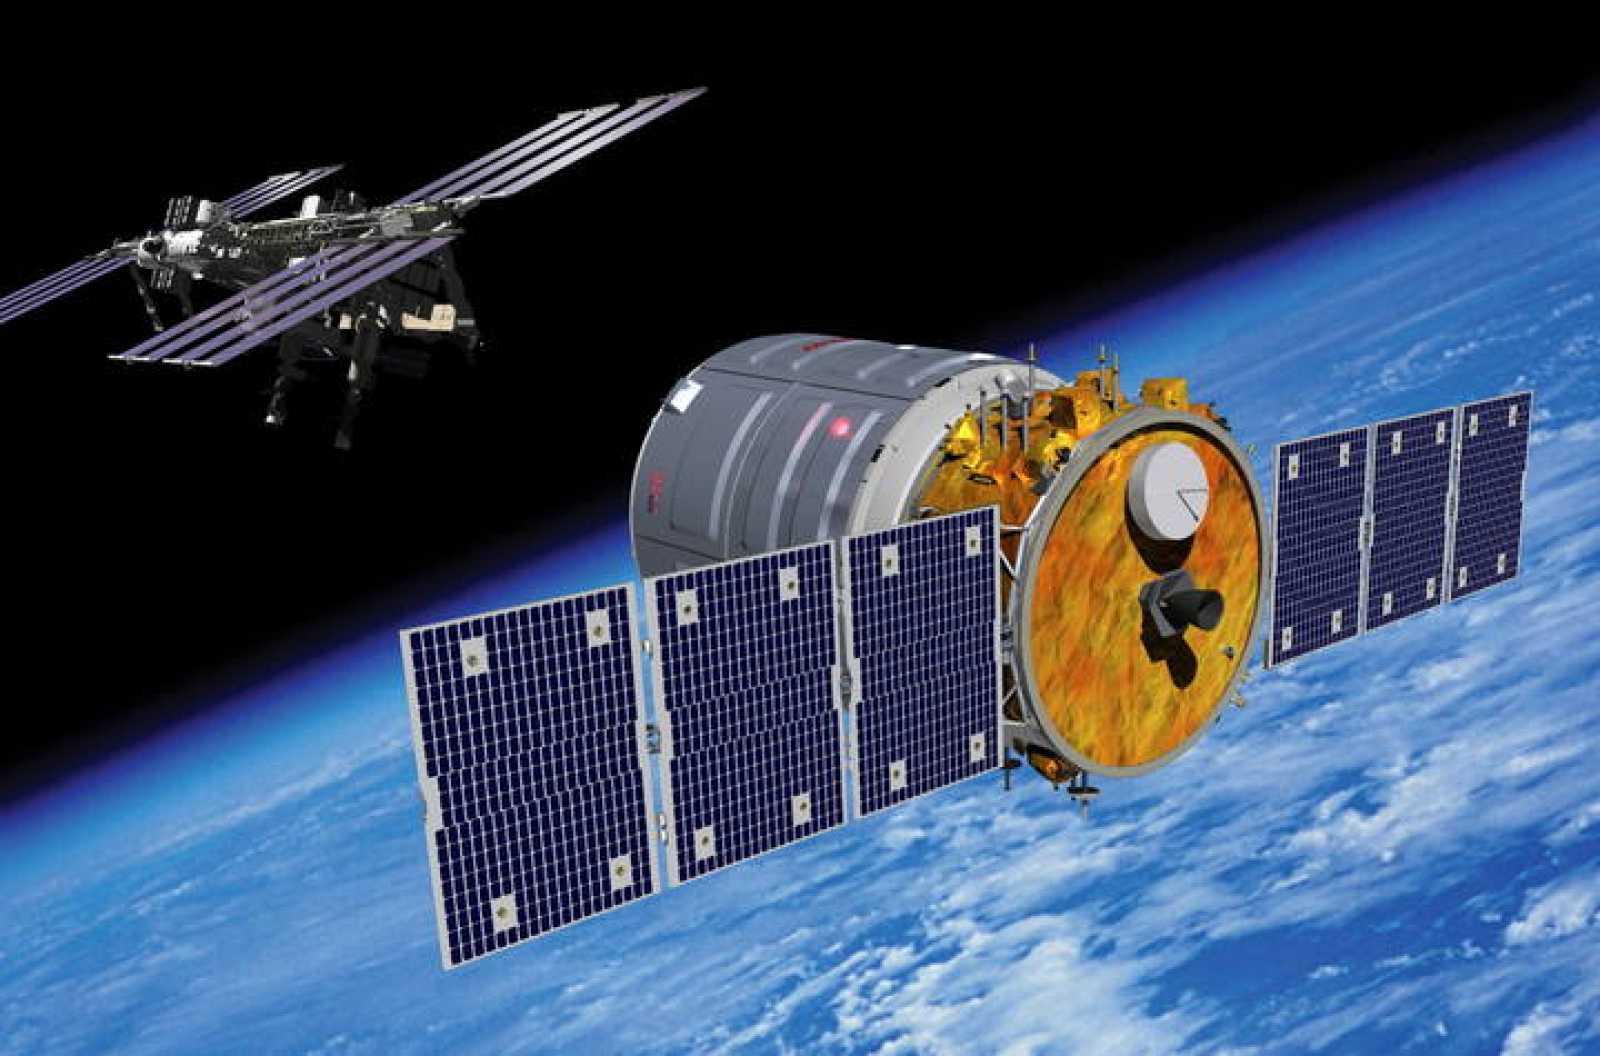 Impresión artística de la Cygnus aproximándose a la Estación Espacial Internacional